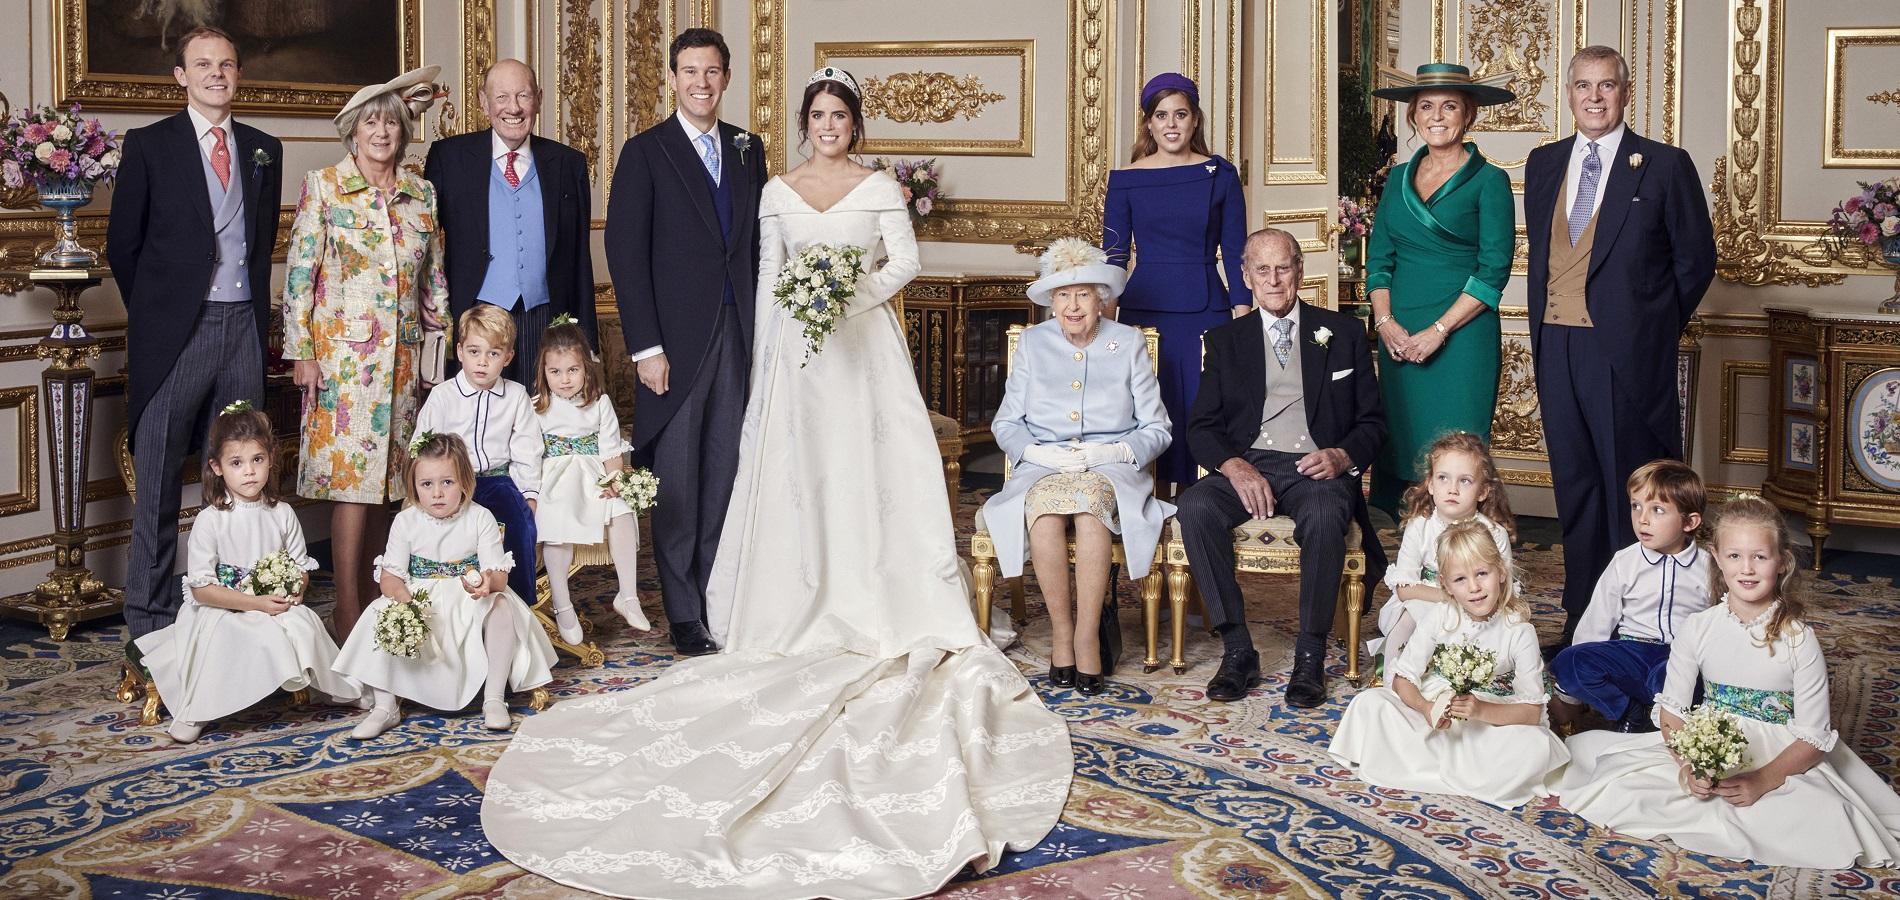 Les photos officielles du mariage de la princesse Eugenie d\u0027York et de Jack  Brooksbank ont été dévoilées. Elles sont signées du photographe britannique  Alex